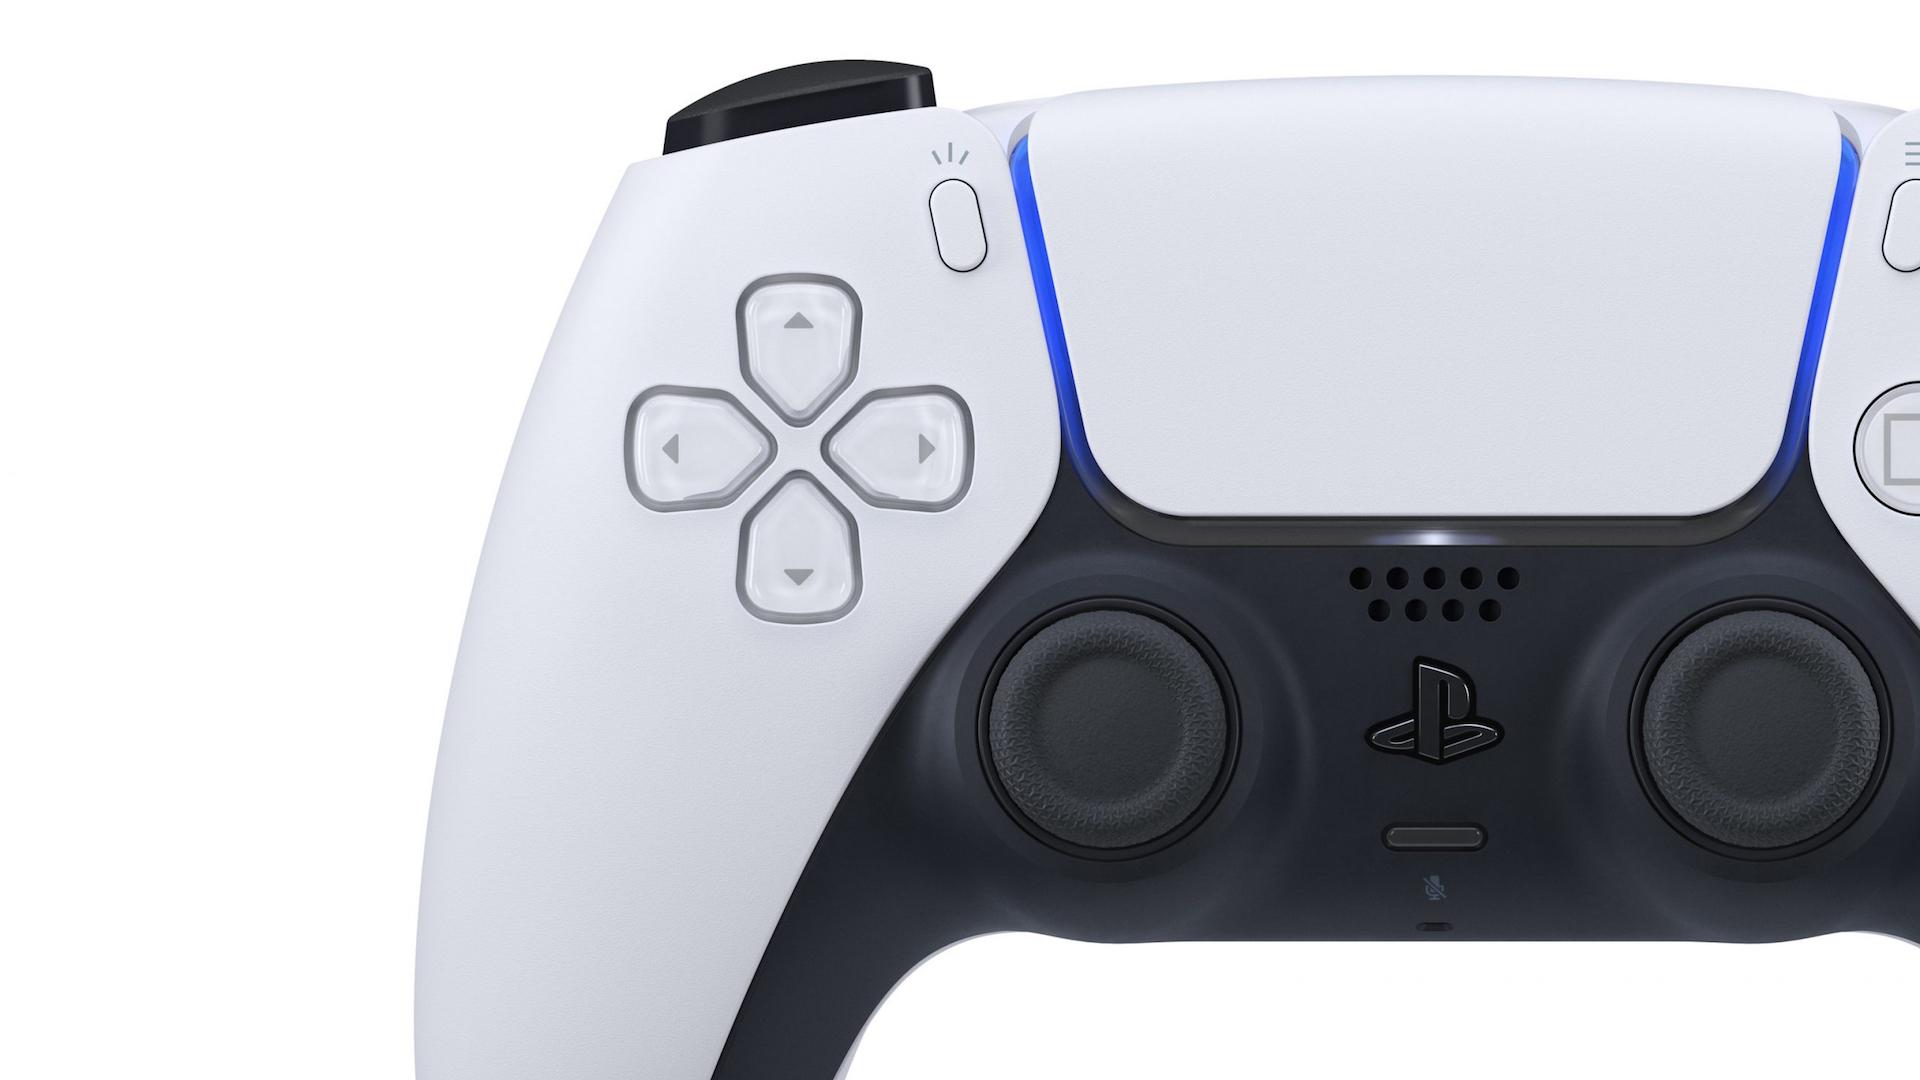 ميكروفون وحدة التحكم  PlayStation بلاي ستيشن ps5 الجديد